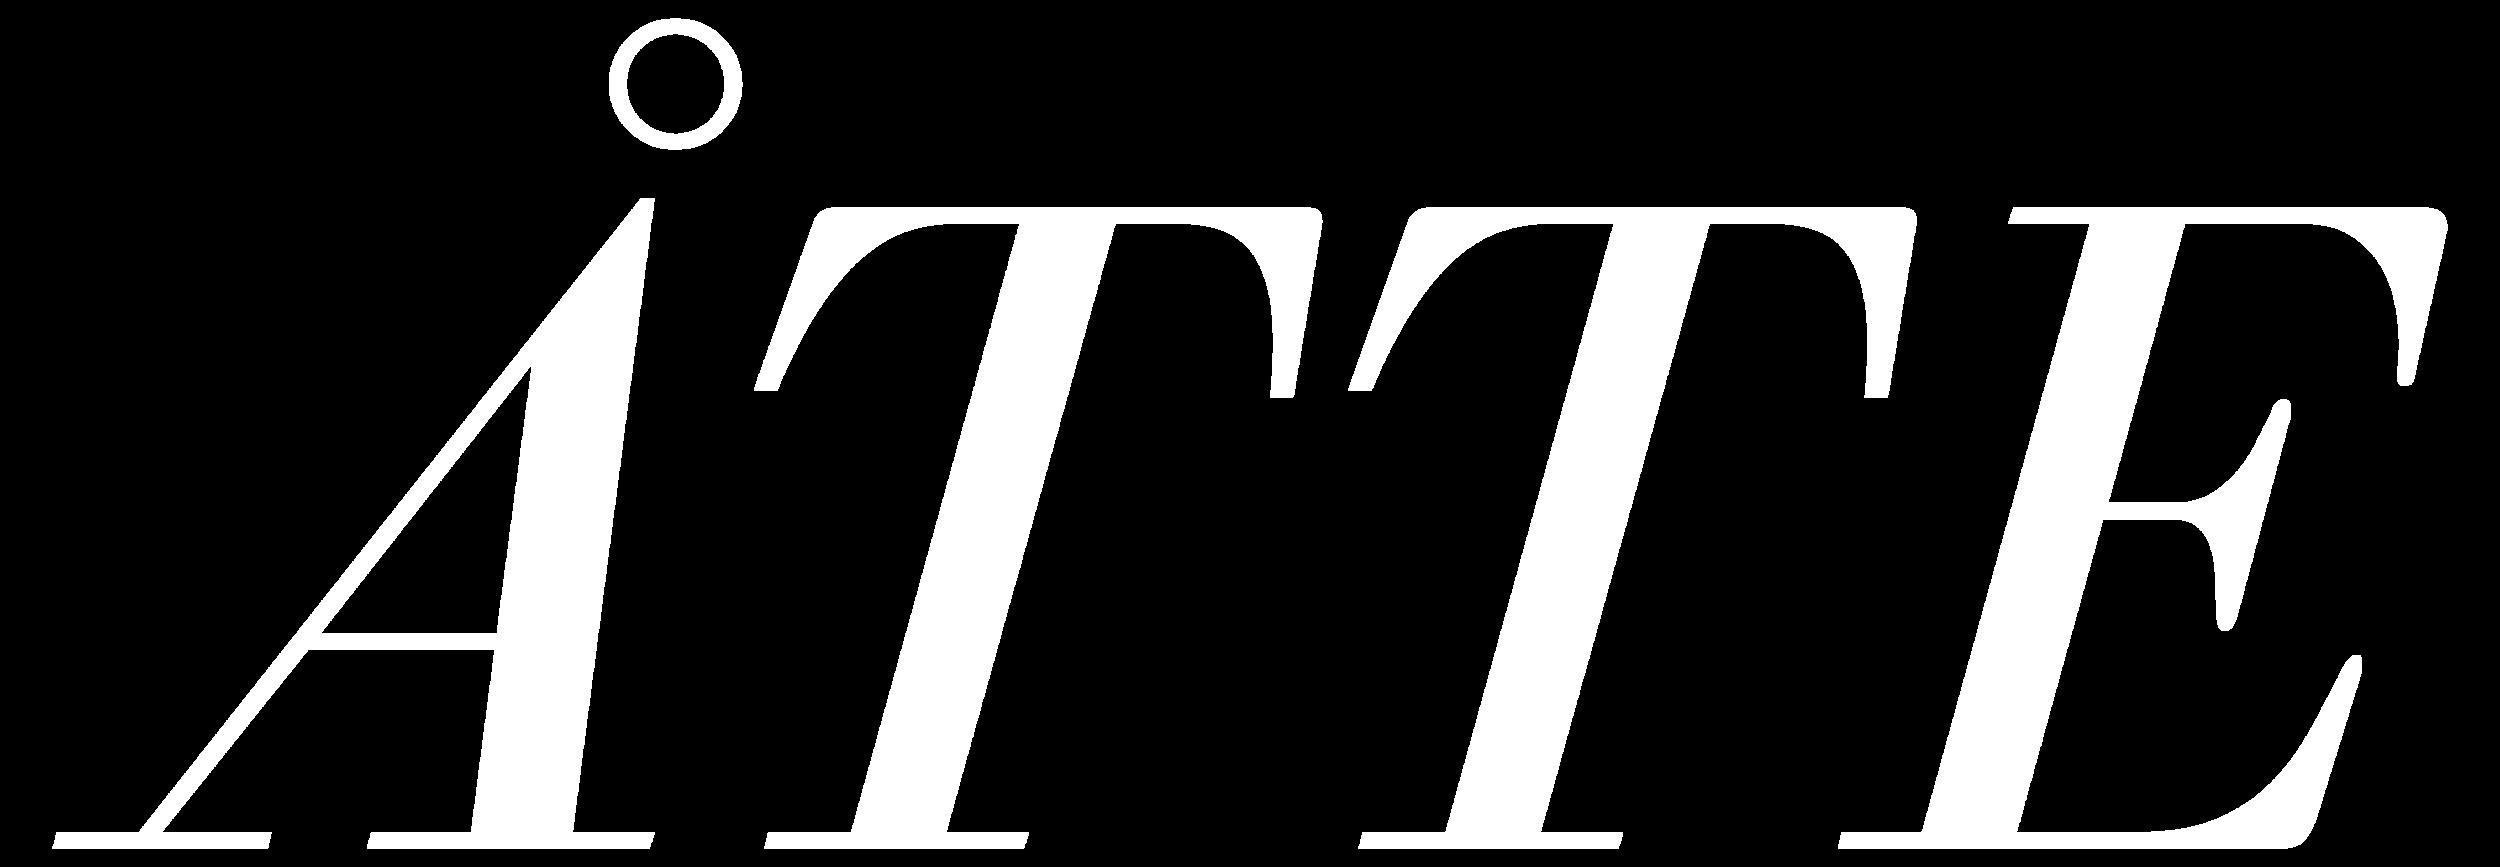 ATTE-logo-white.png